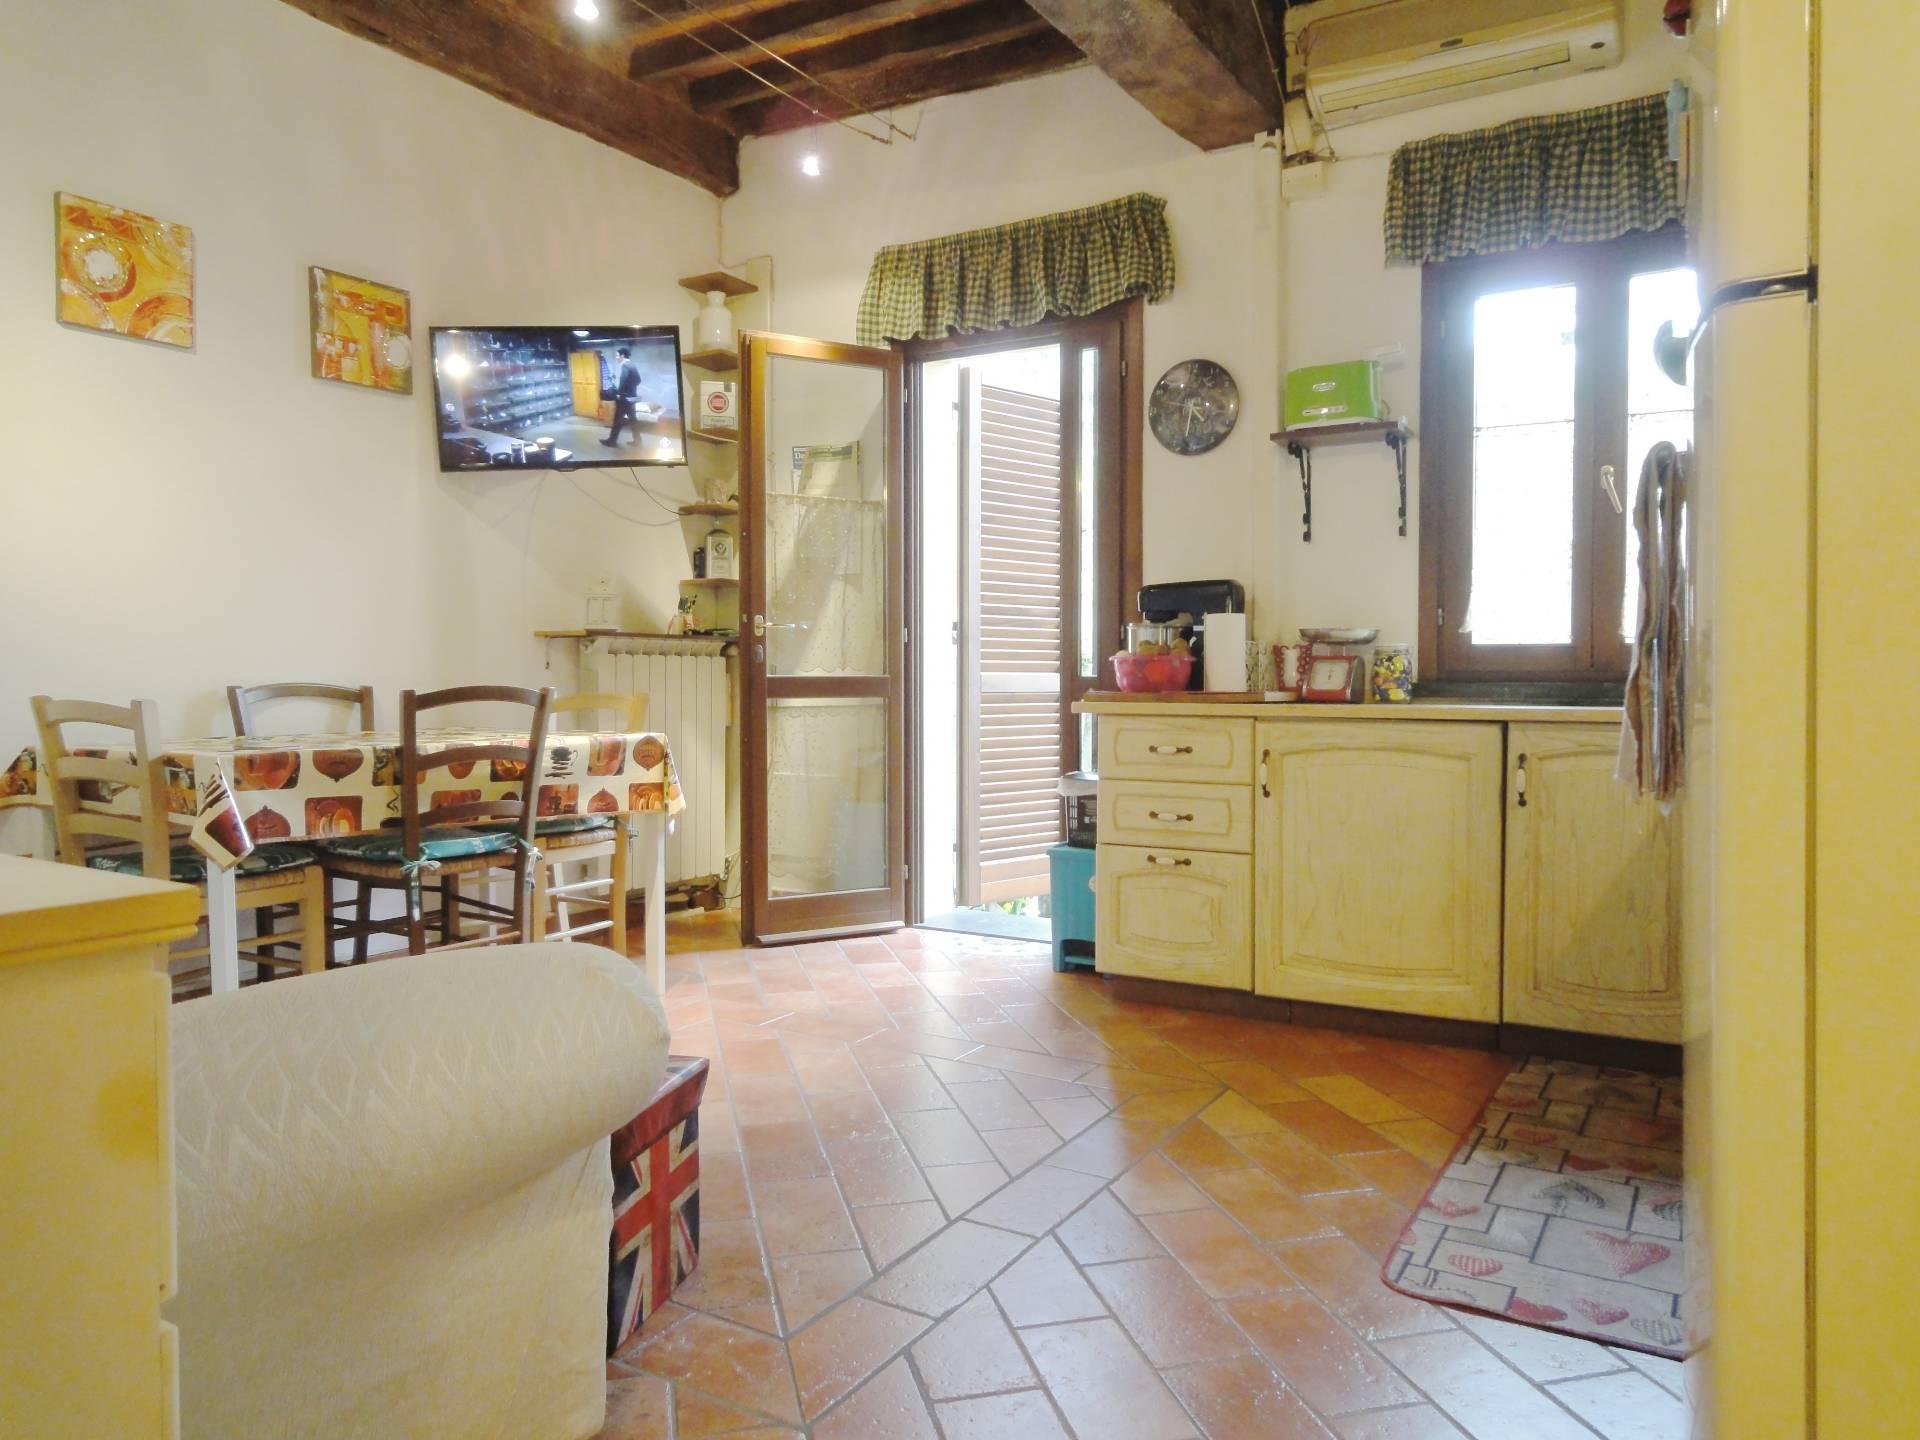 Appartamento in vendita a Montopoli in Val d'Arno, 2 locali, zona Zona: Casteldelbosco, prezzo € 58.000 | CambioCasa.it